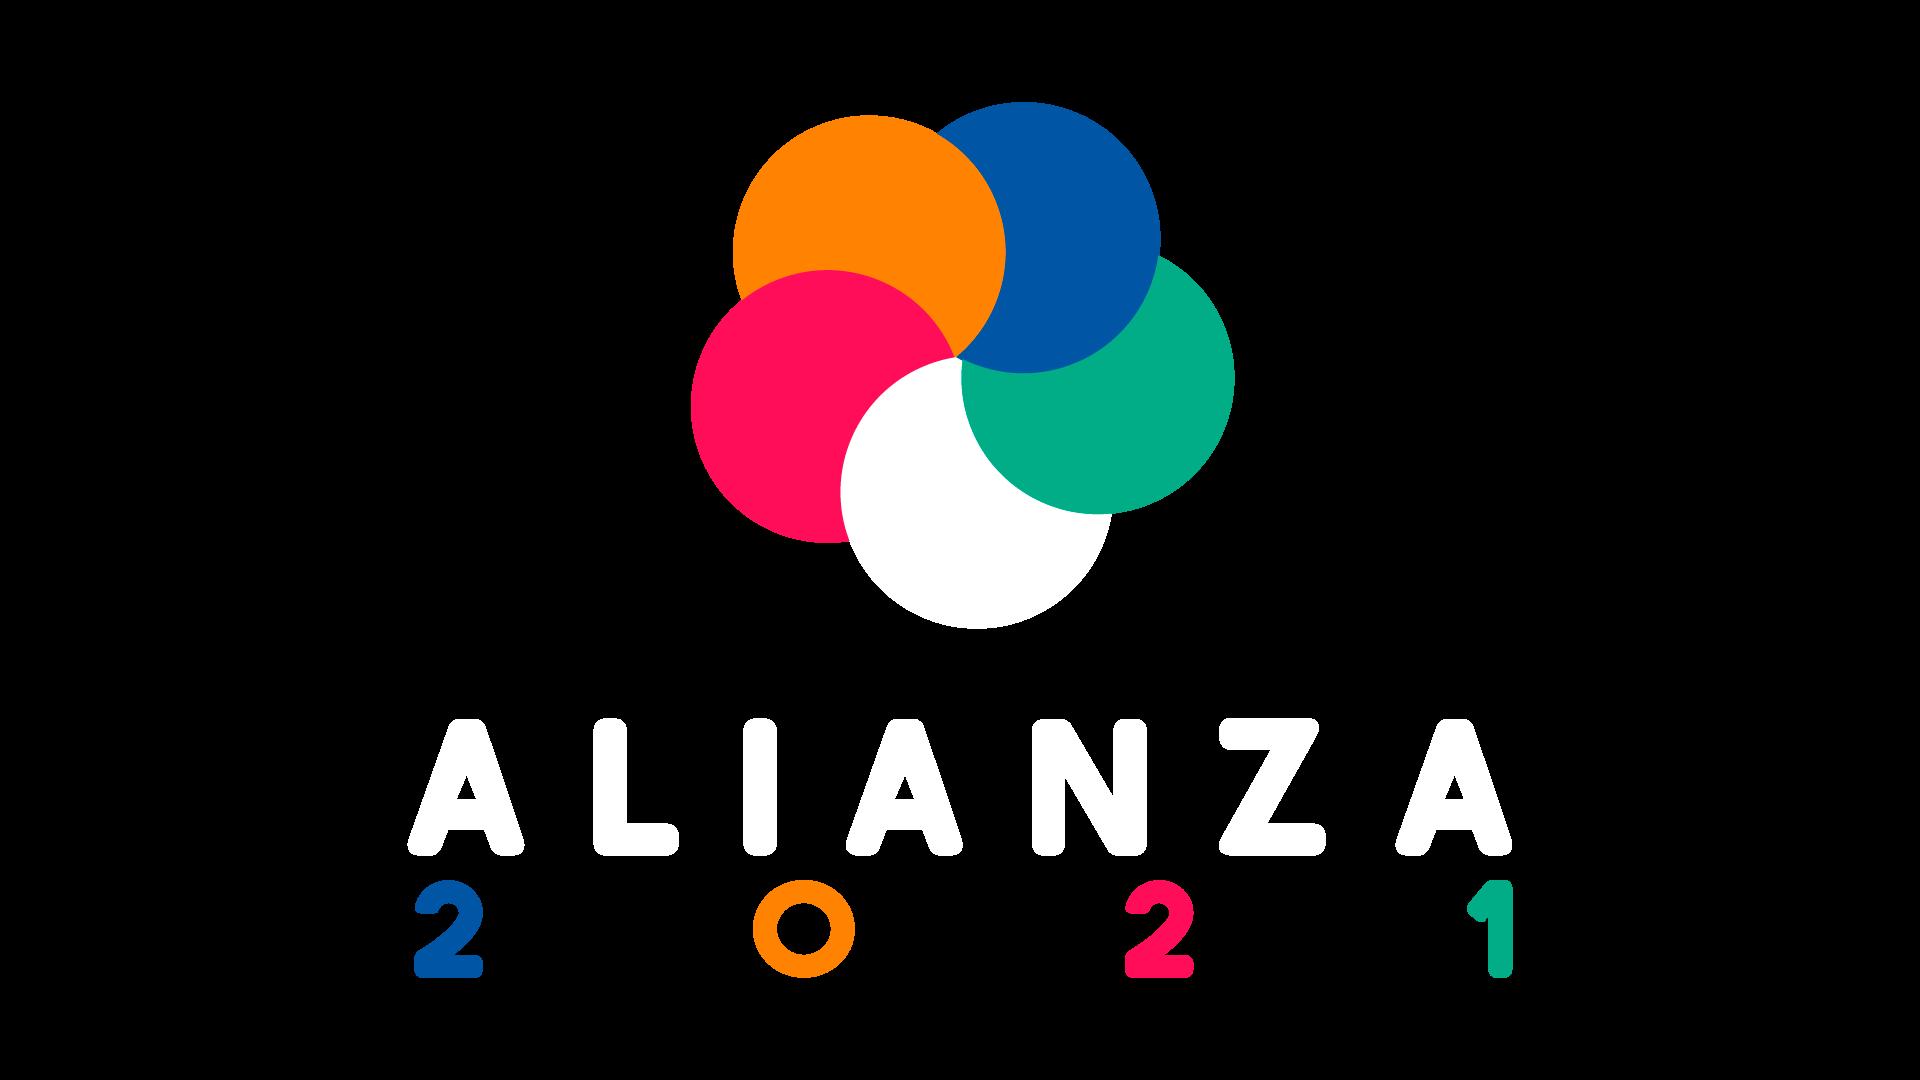 Alianza 2021